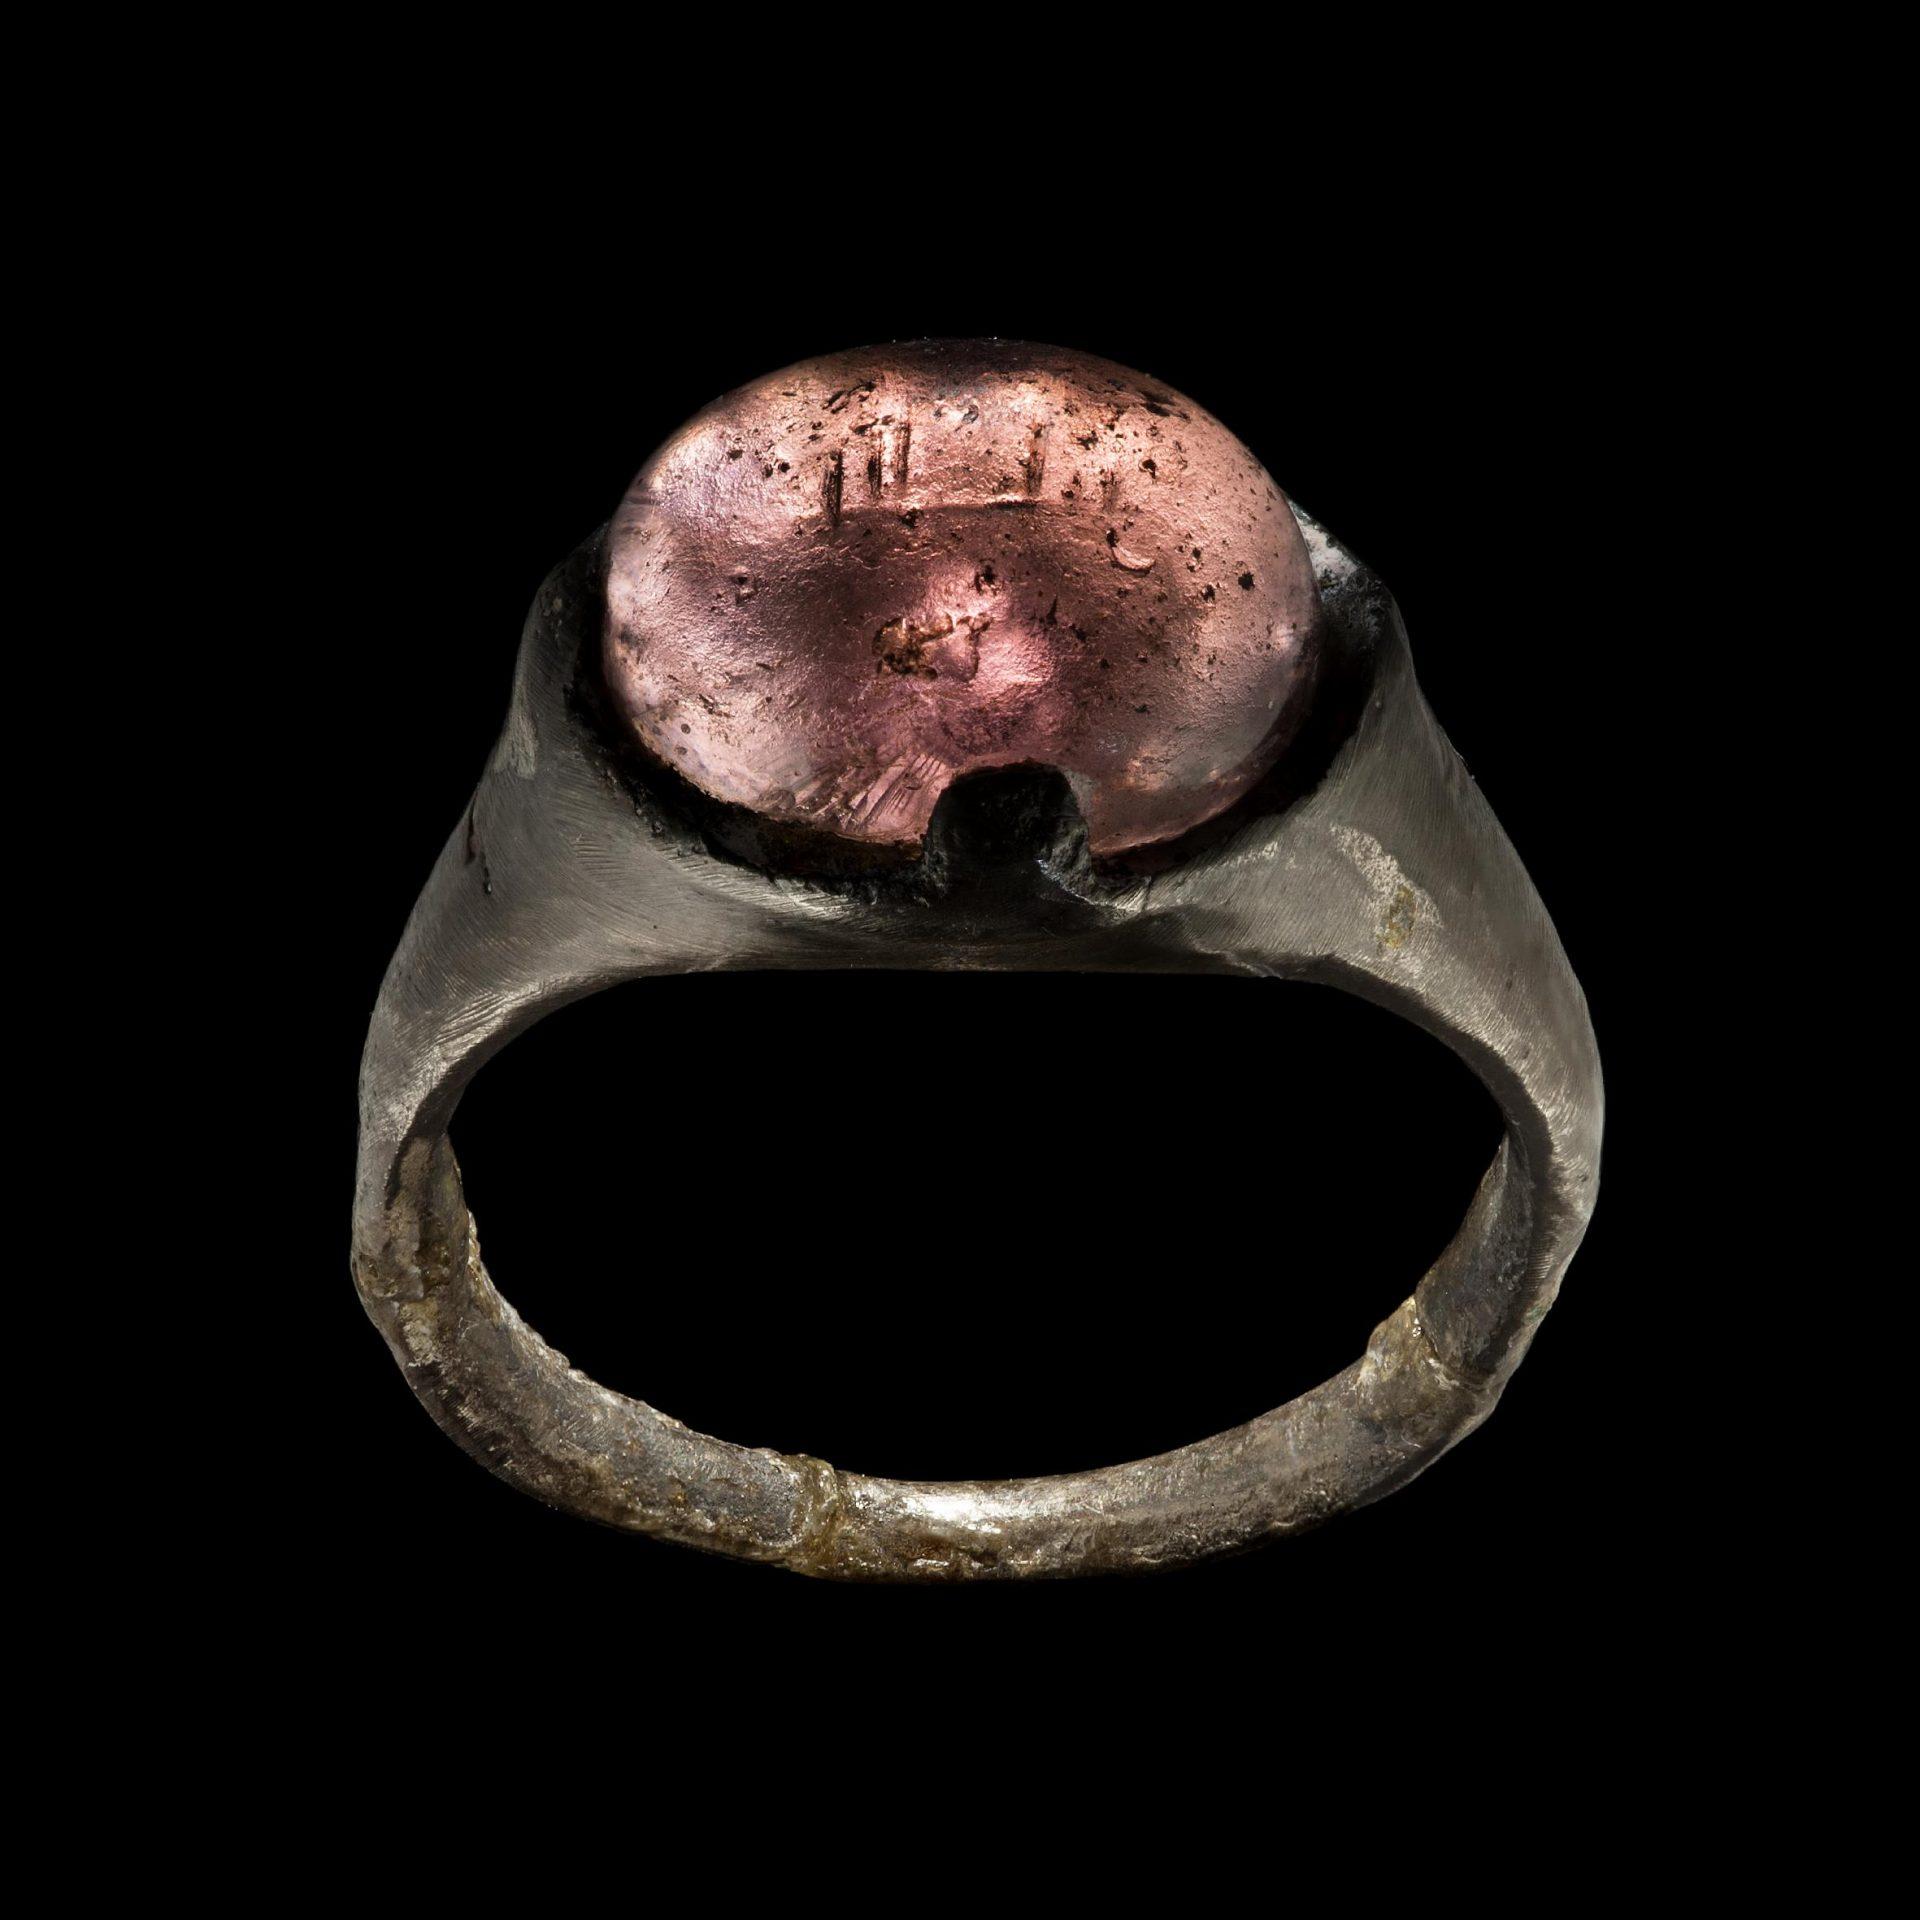 En ring med en röd sten i.